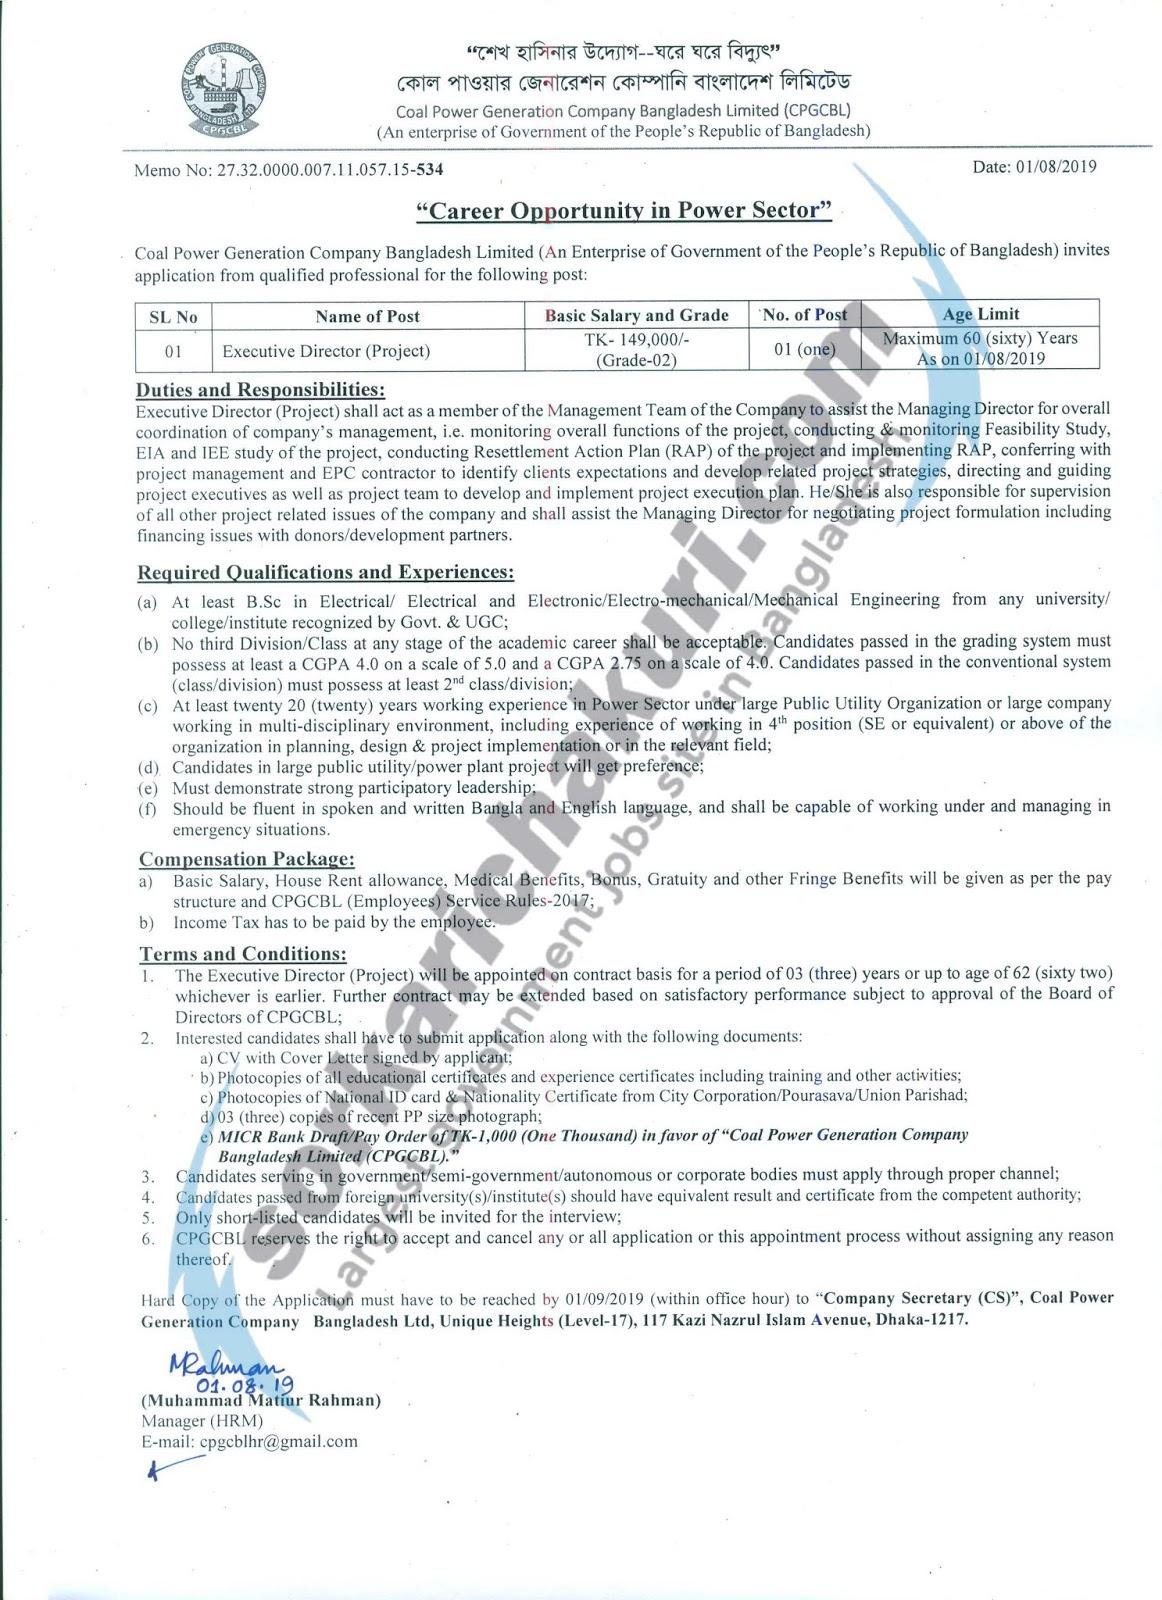 Coal Power Generation Company Bangladesh Limited Jobs Circular 2019